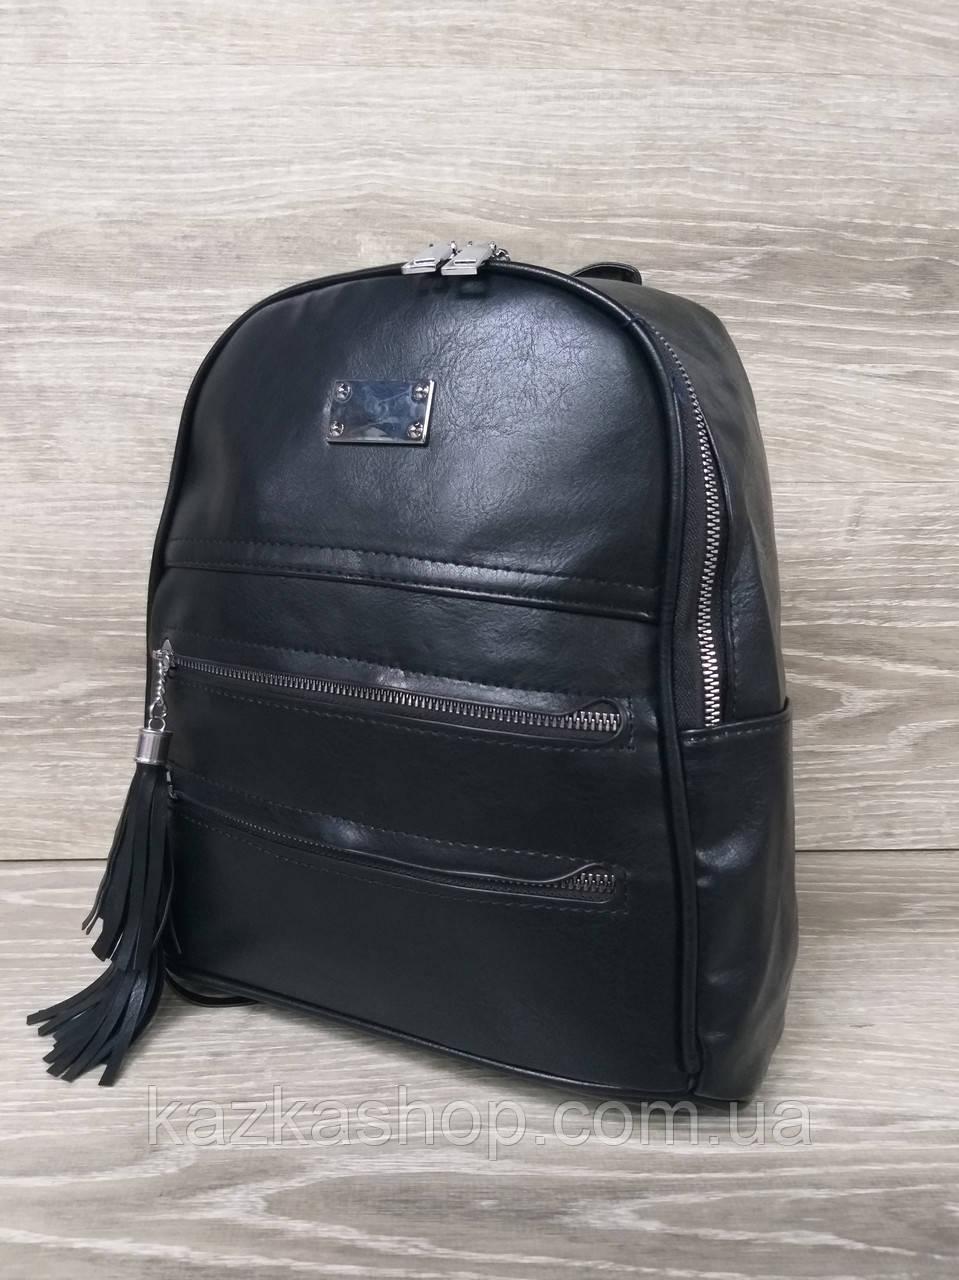 Женский рюкзак из искусственной кожи, две молнии на лицевой части, 1 отдел, регулируемые ремни